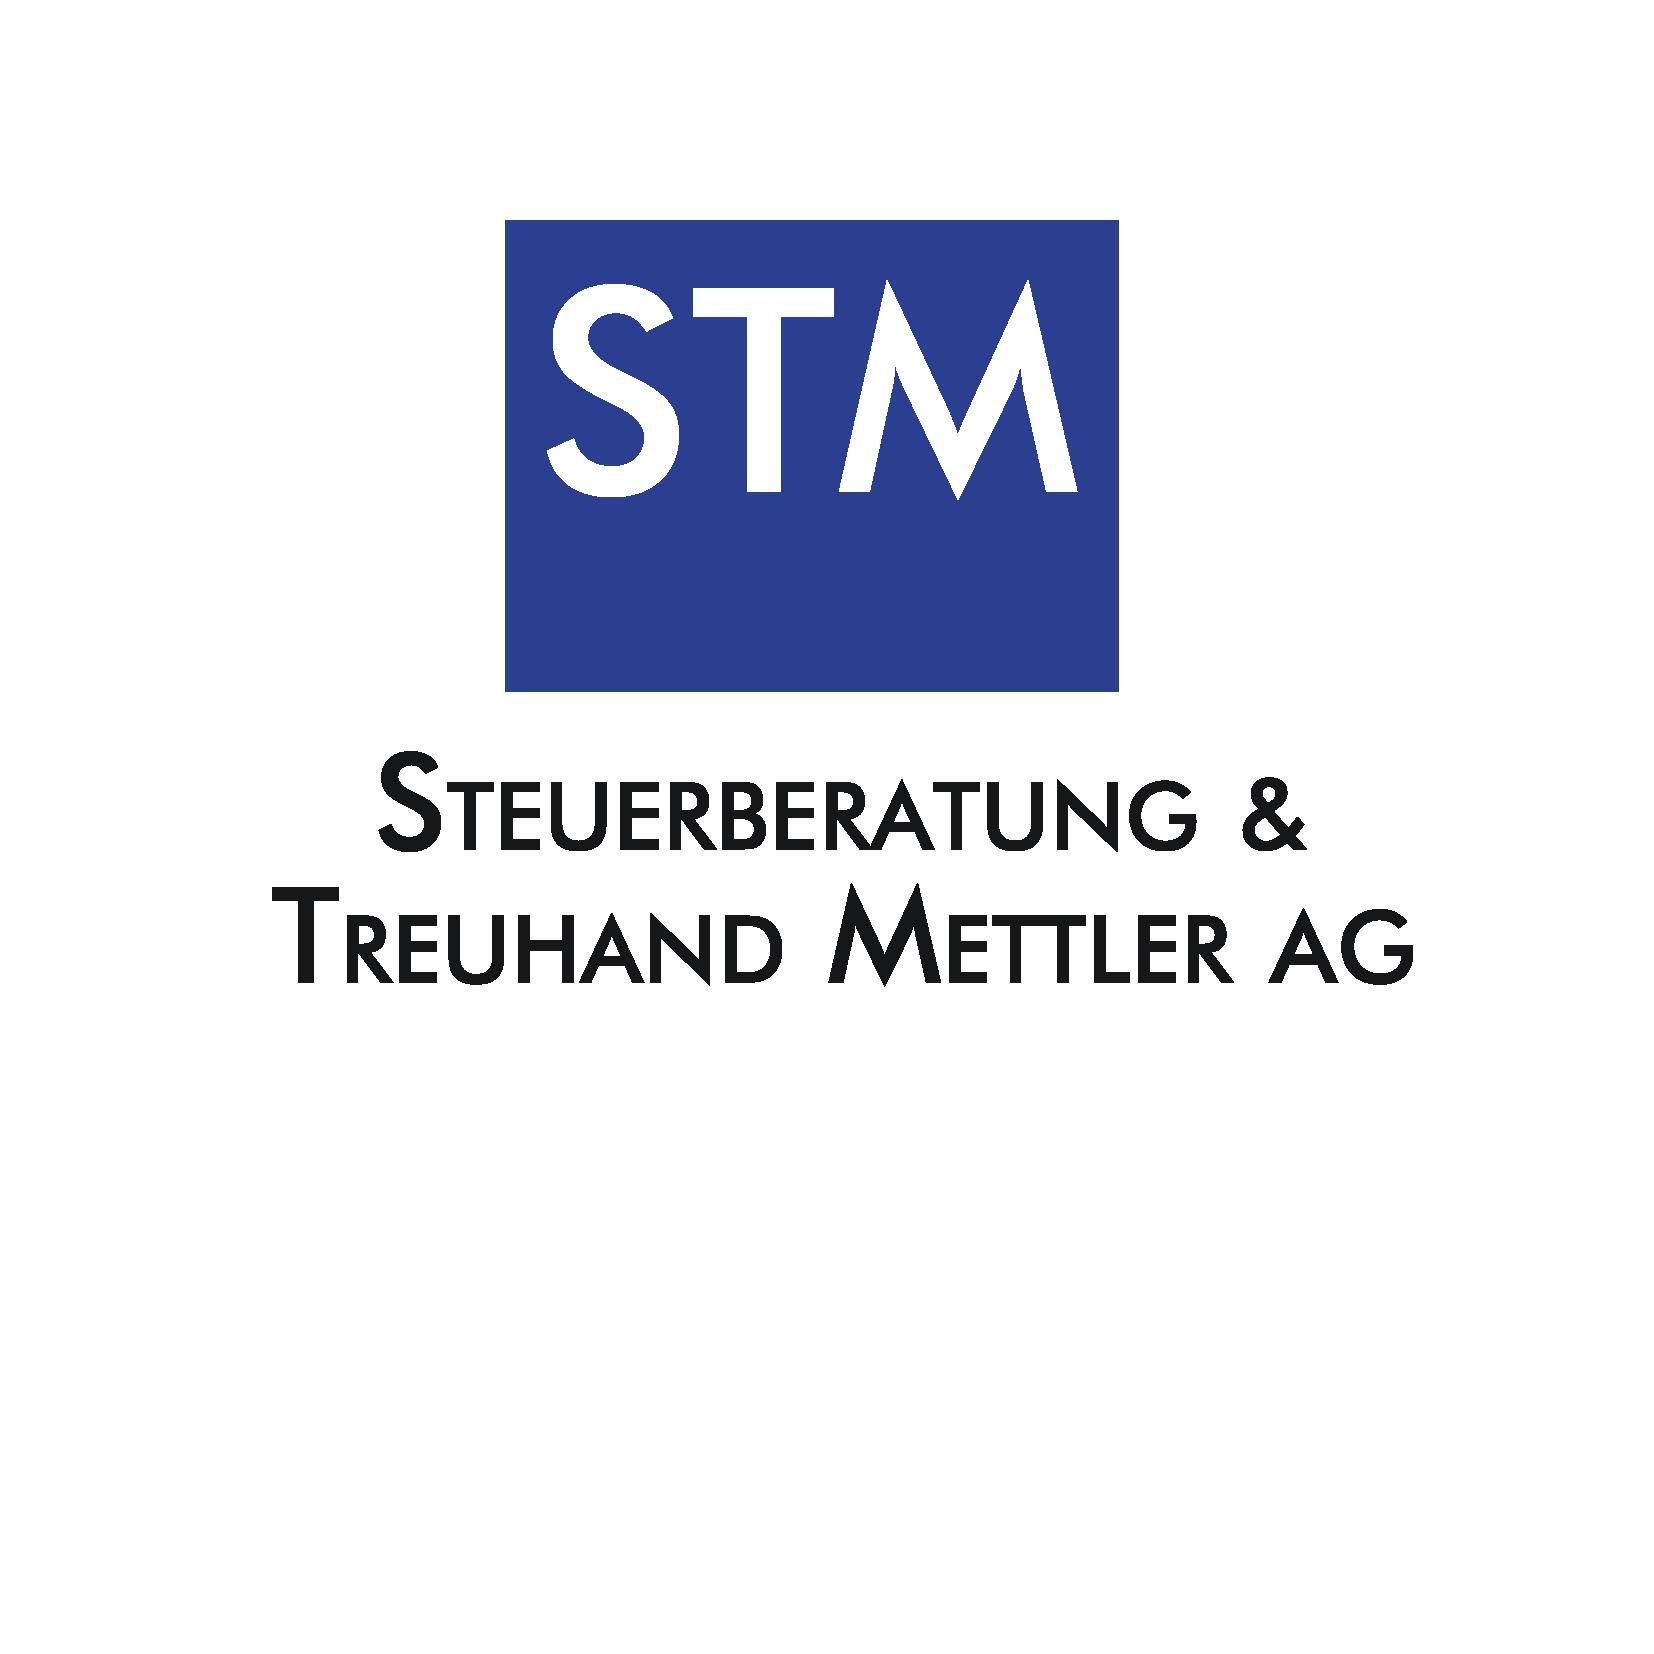 Bilder STM Steuerberatung & Treuhand Mettler AG